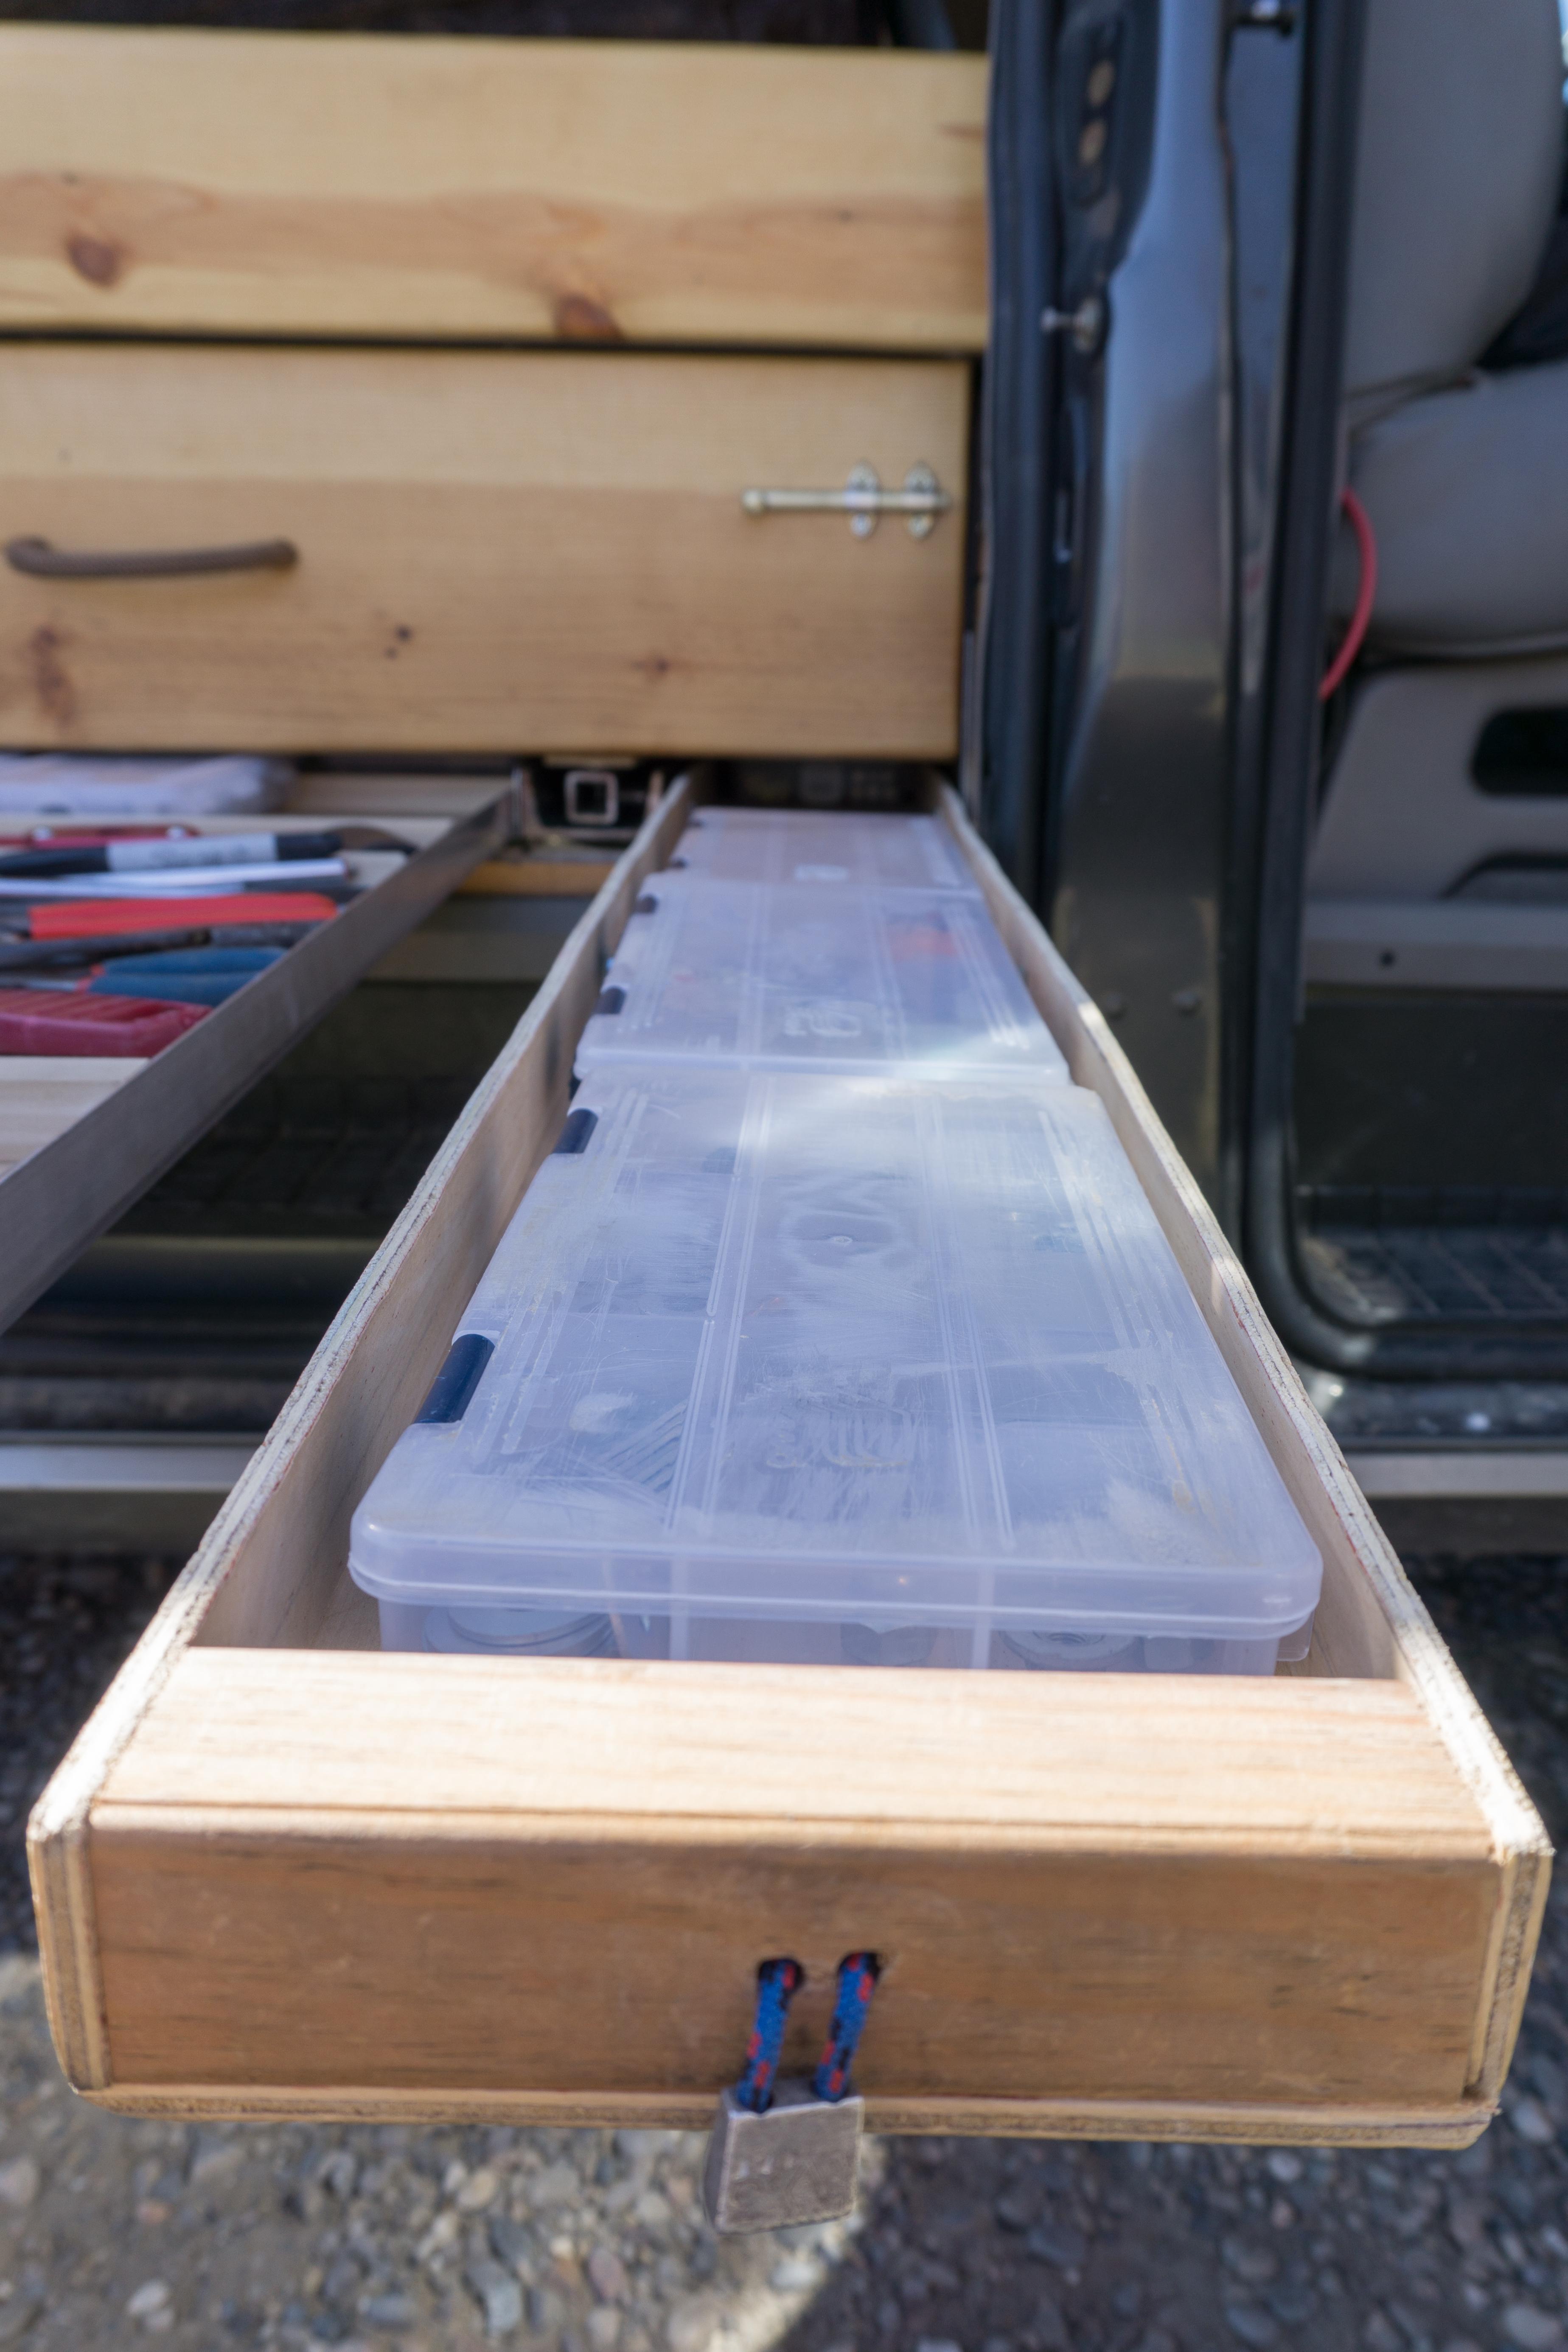 drawer den ikea diy superb of children make secret bed with cabin an tracks to hack s how